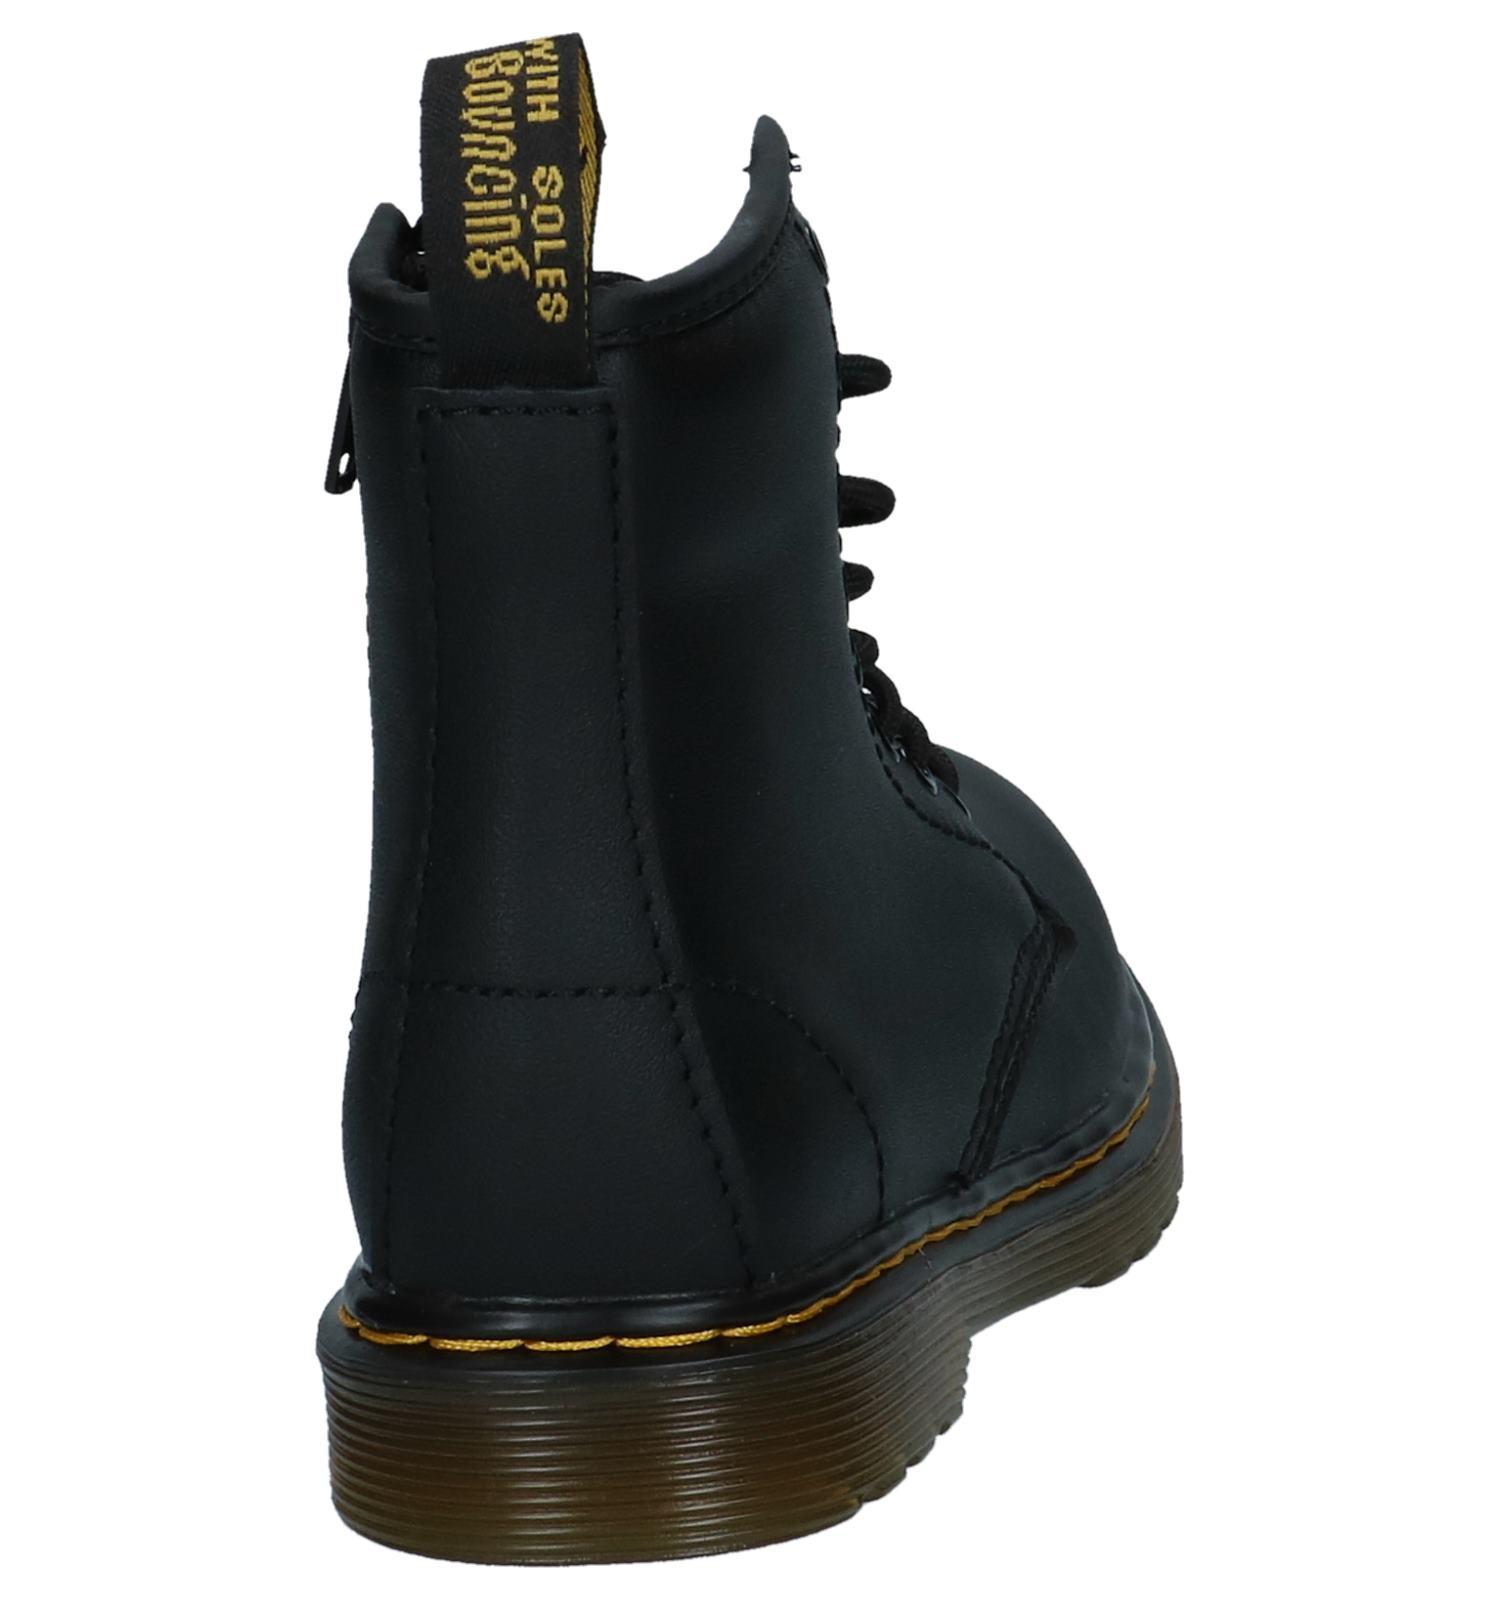 20df92005d6 Dr. Martens Delaney Zwarte Boots met Rits/Veter | TORFS.BE | Gratis verzend  en retour